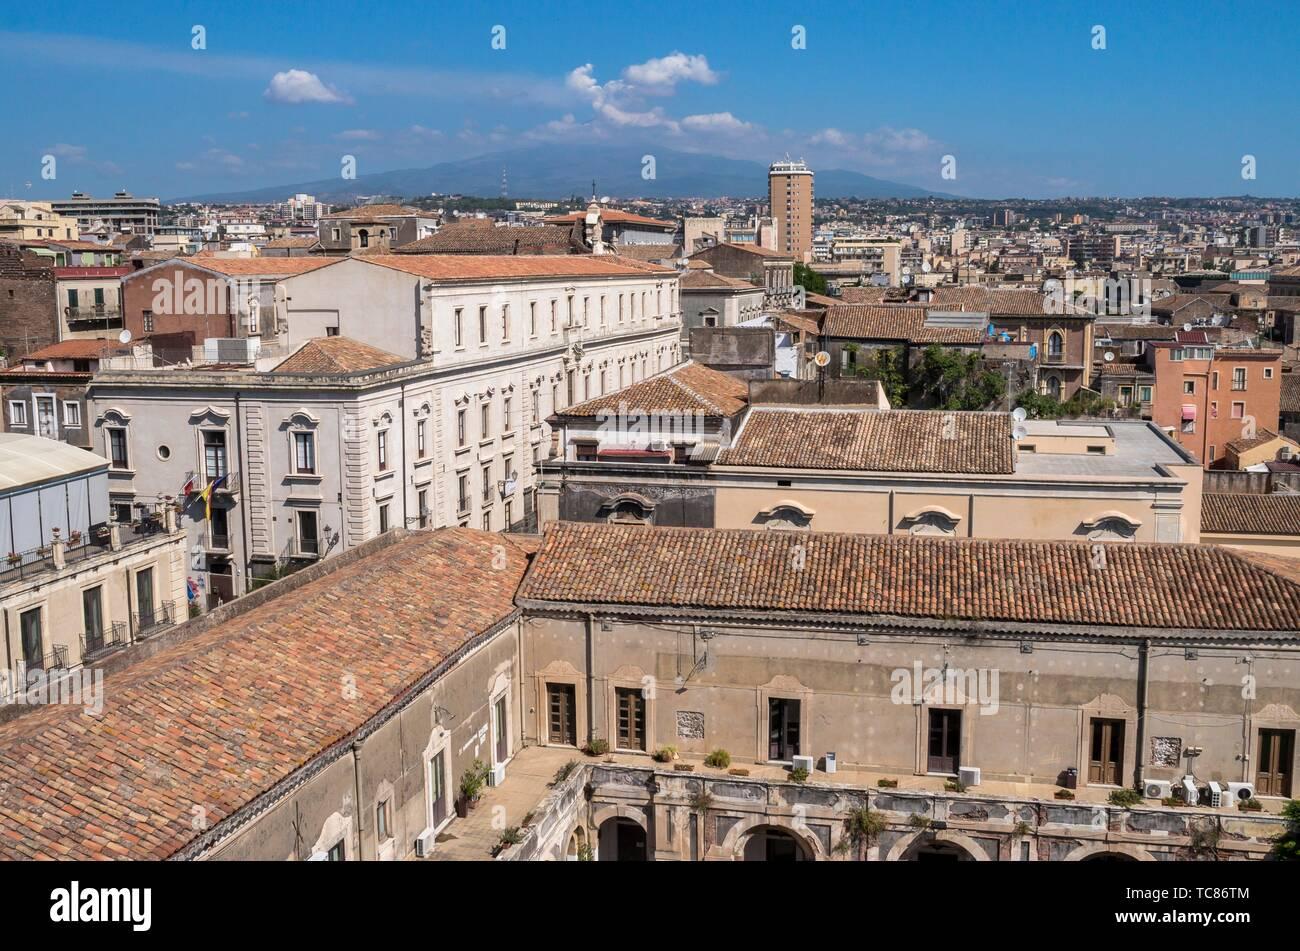 Catania, Etna, Sicily, Italy. - Stock Image